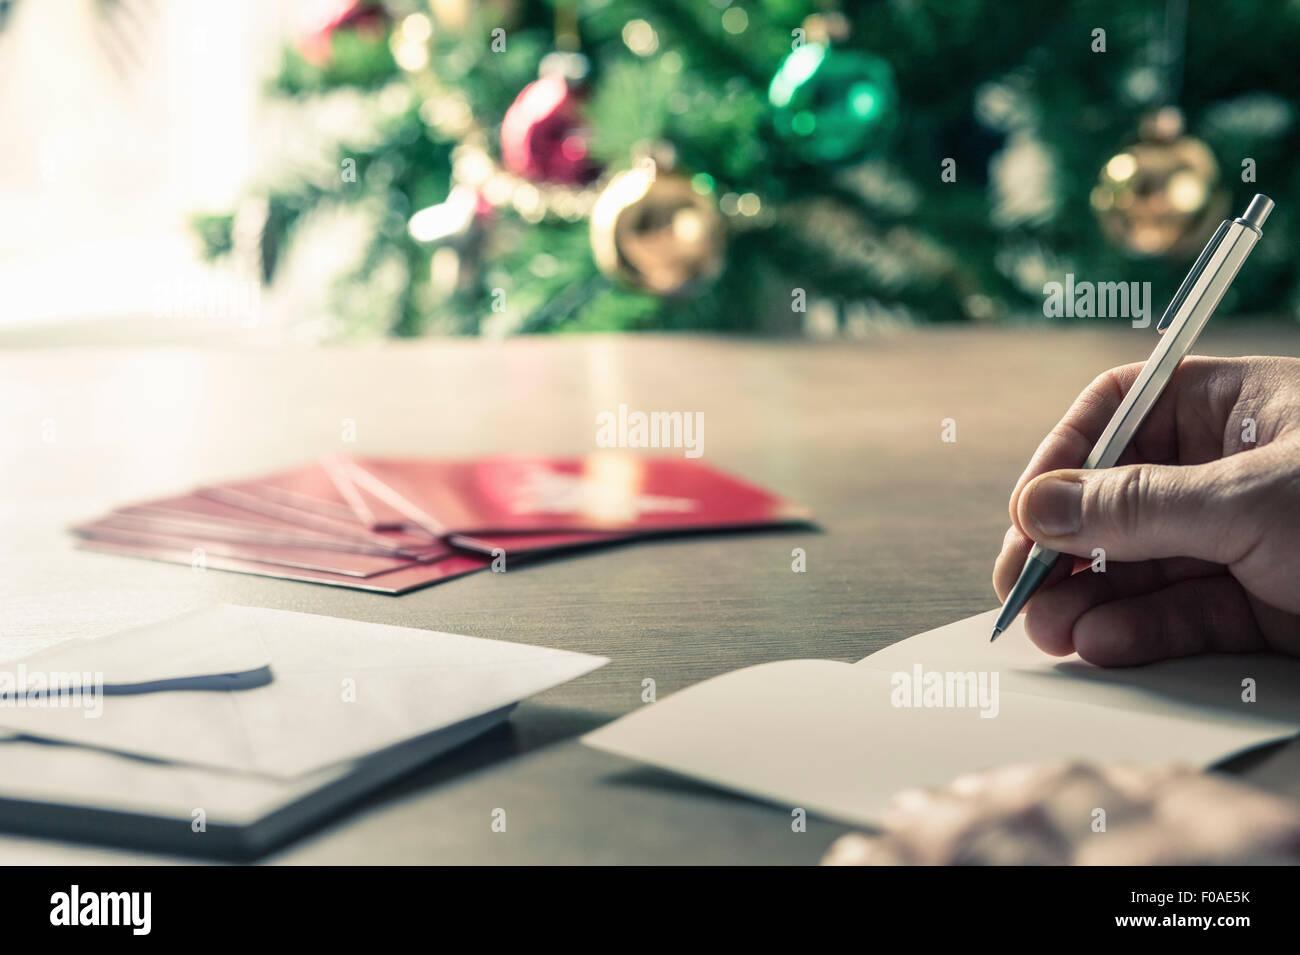 Persona escribir tarjetas de Navidad Imagen De Stock